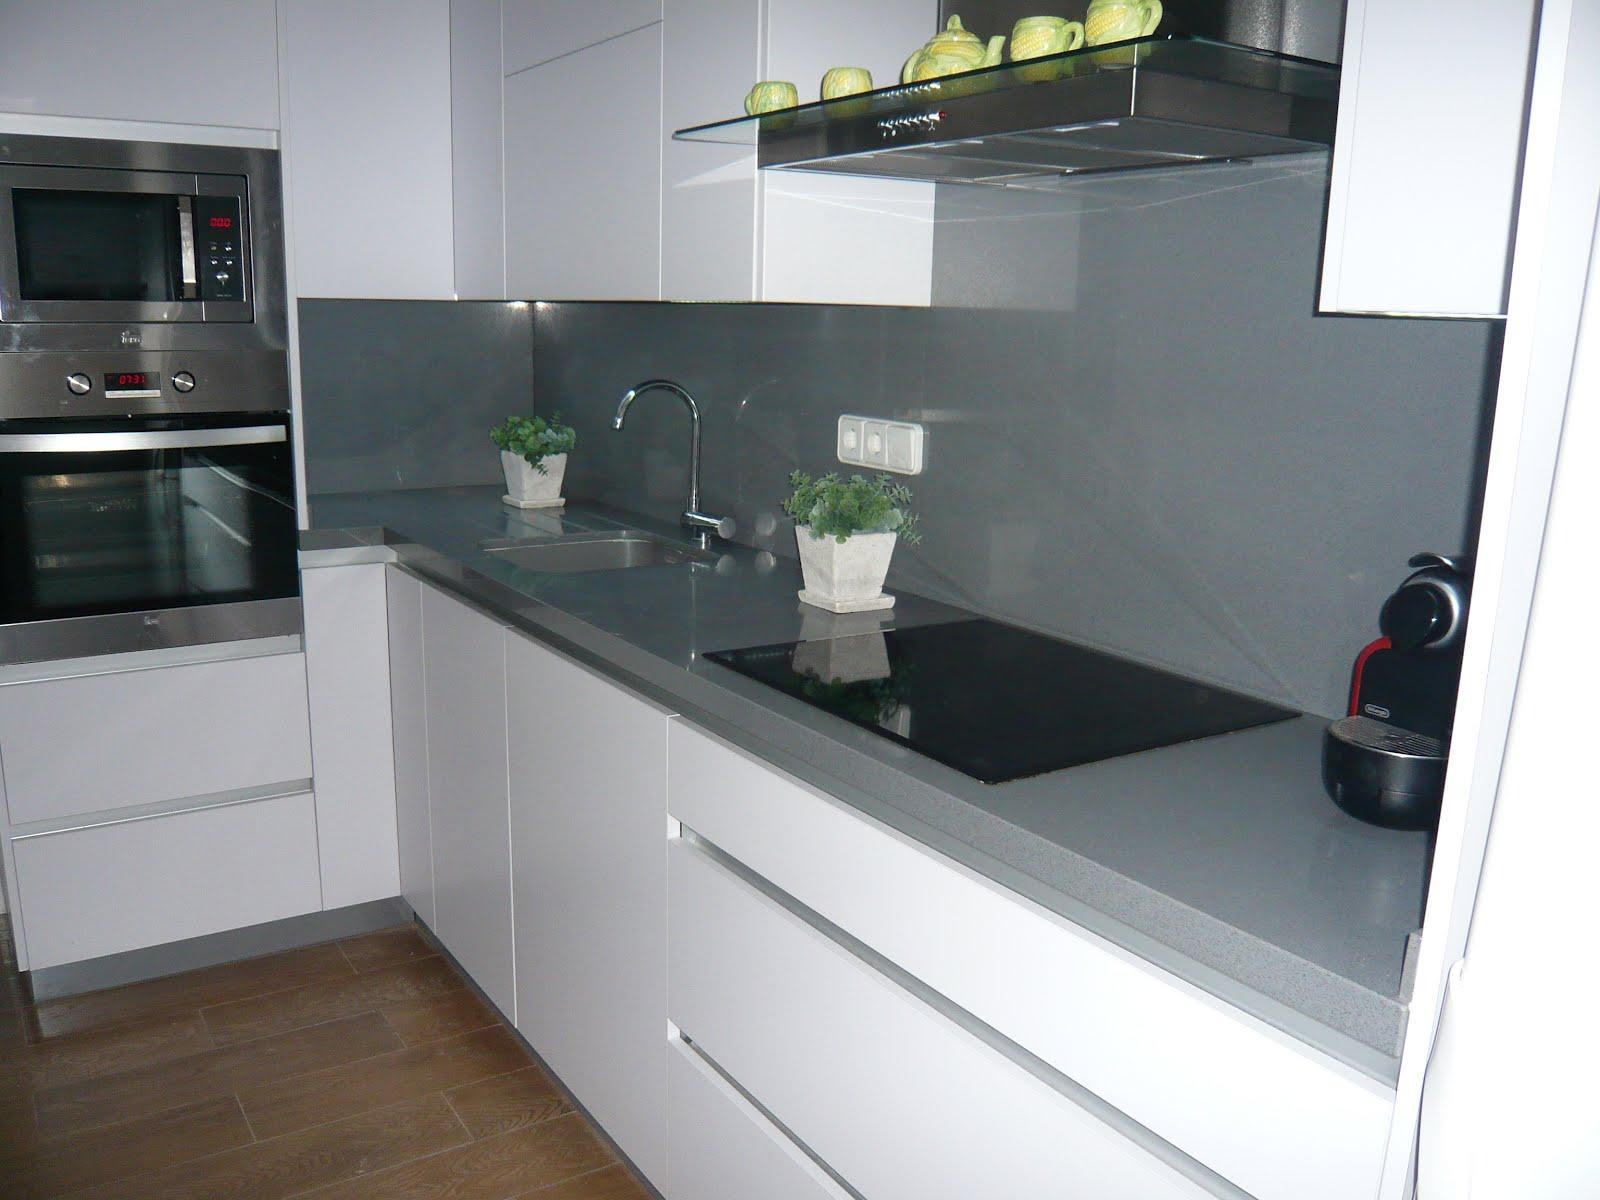 Reuscuina muebles de cocina con gola integrado sin - Tiradores para muebles de cocina ...